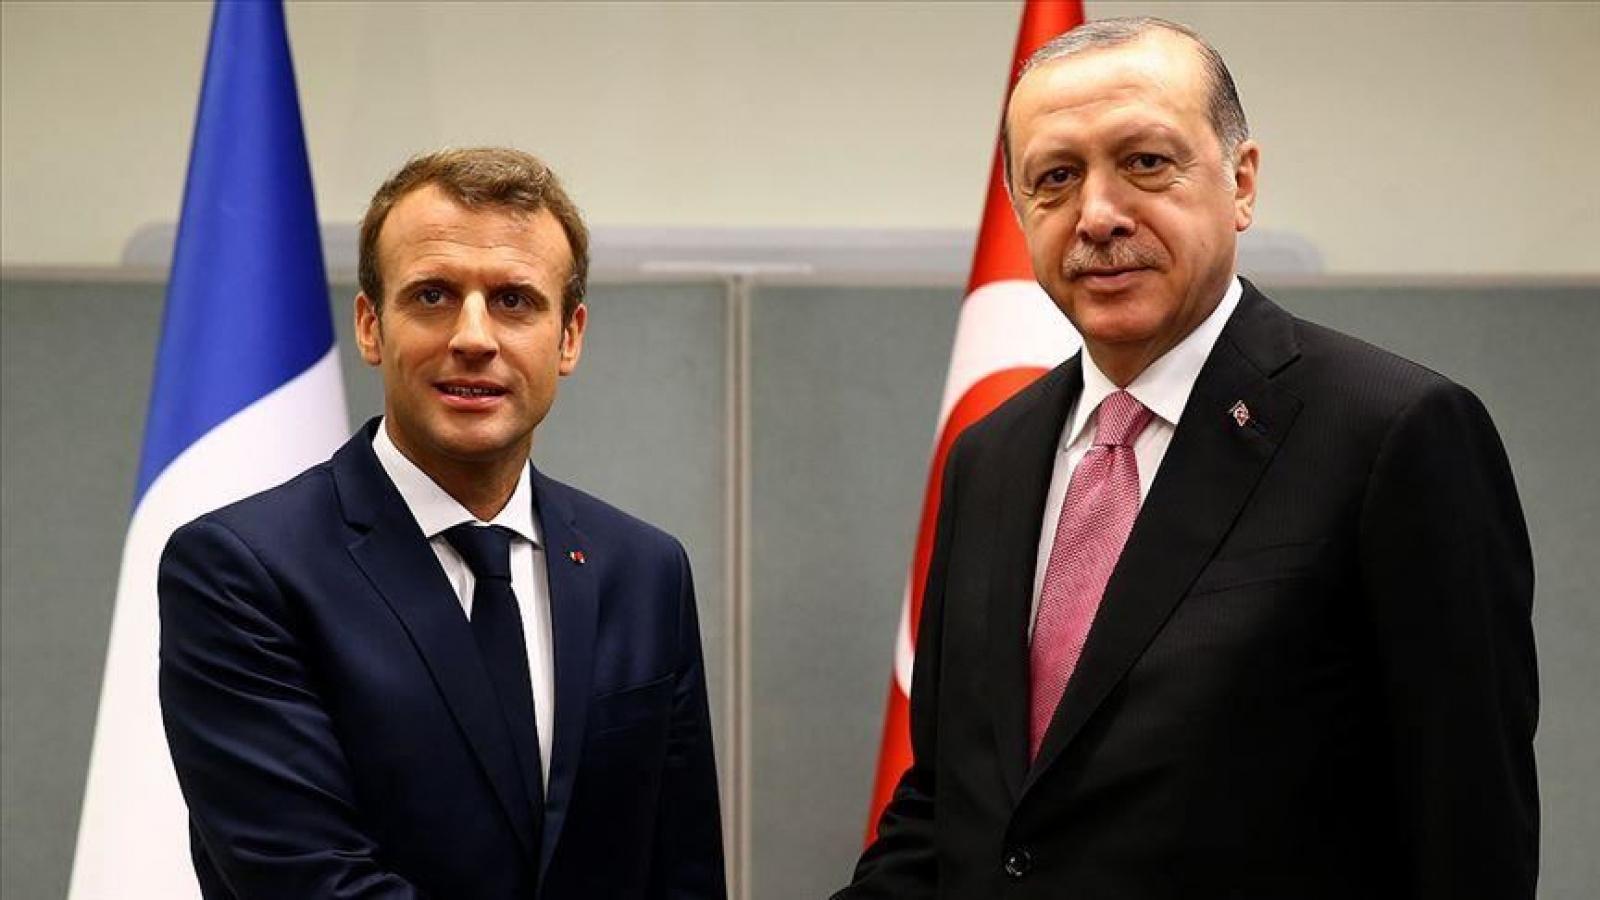 Lãnh đạo Pháp – Thổ Nhĩ Kỳ điện đàm sau nhiều tháng căng thẳng